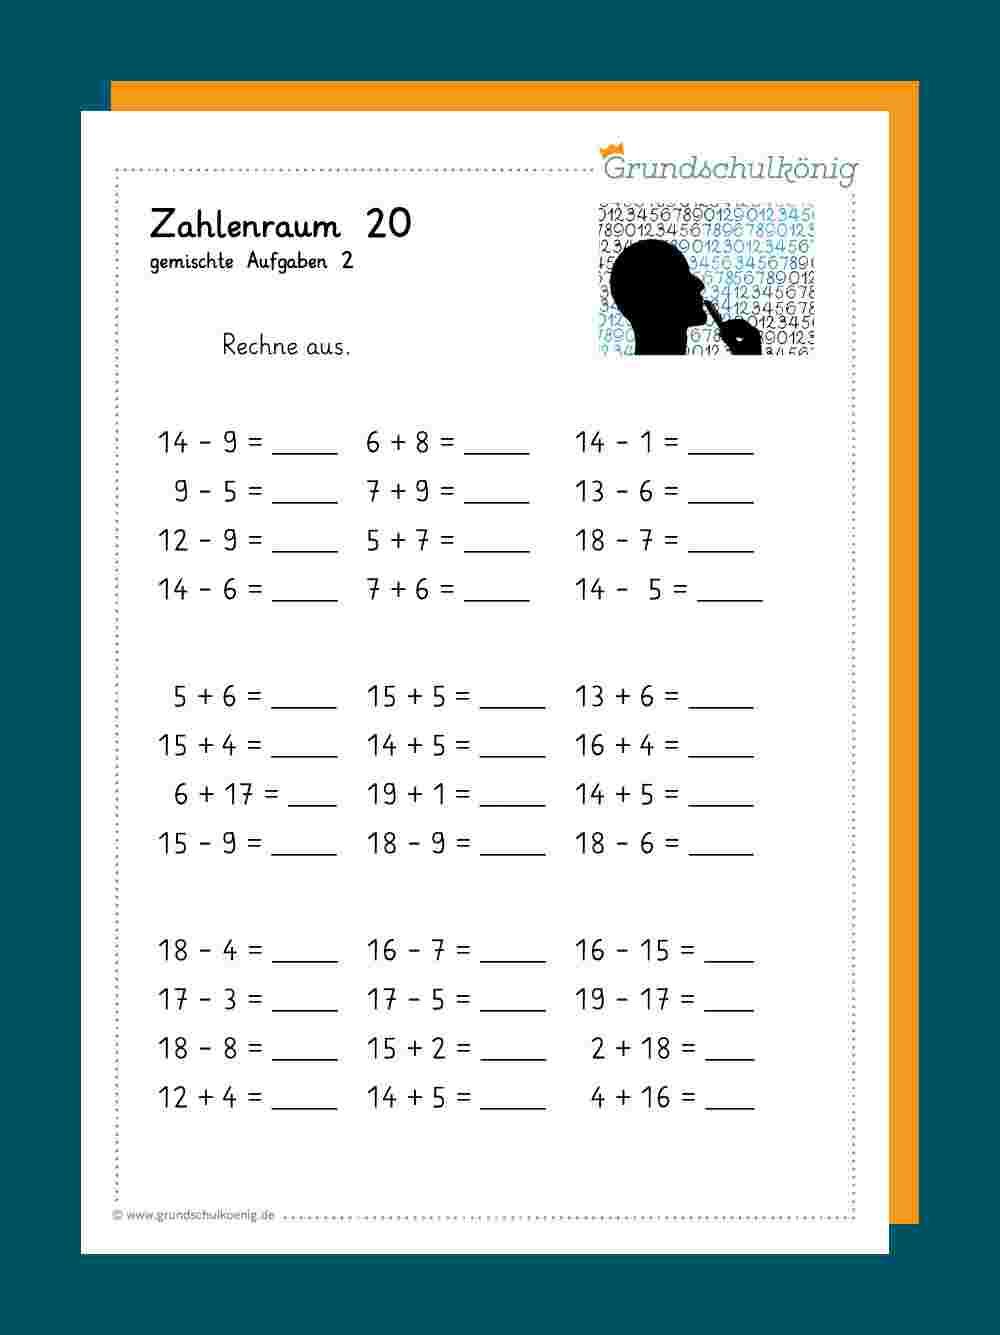 Matheaufgaben 1 Klasse Arbeitsblätter - kinderbilder.download | kinderbilder.download